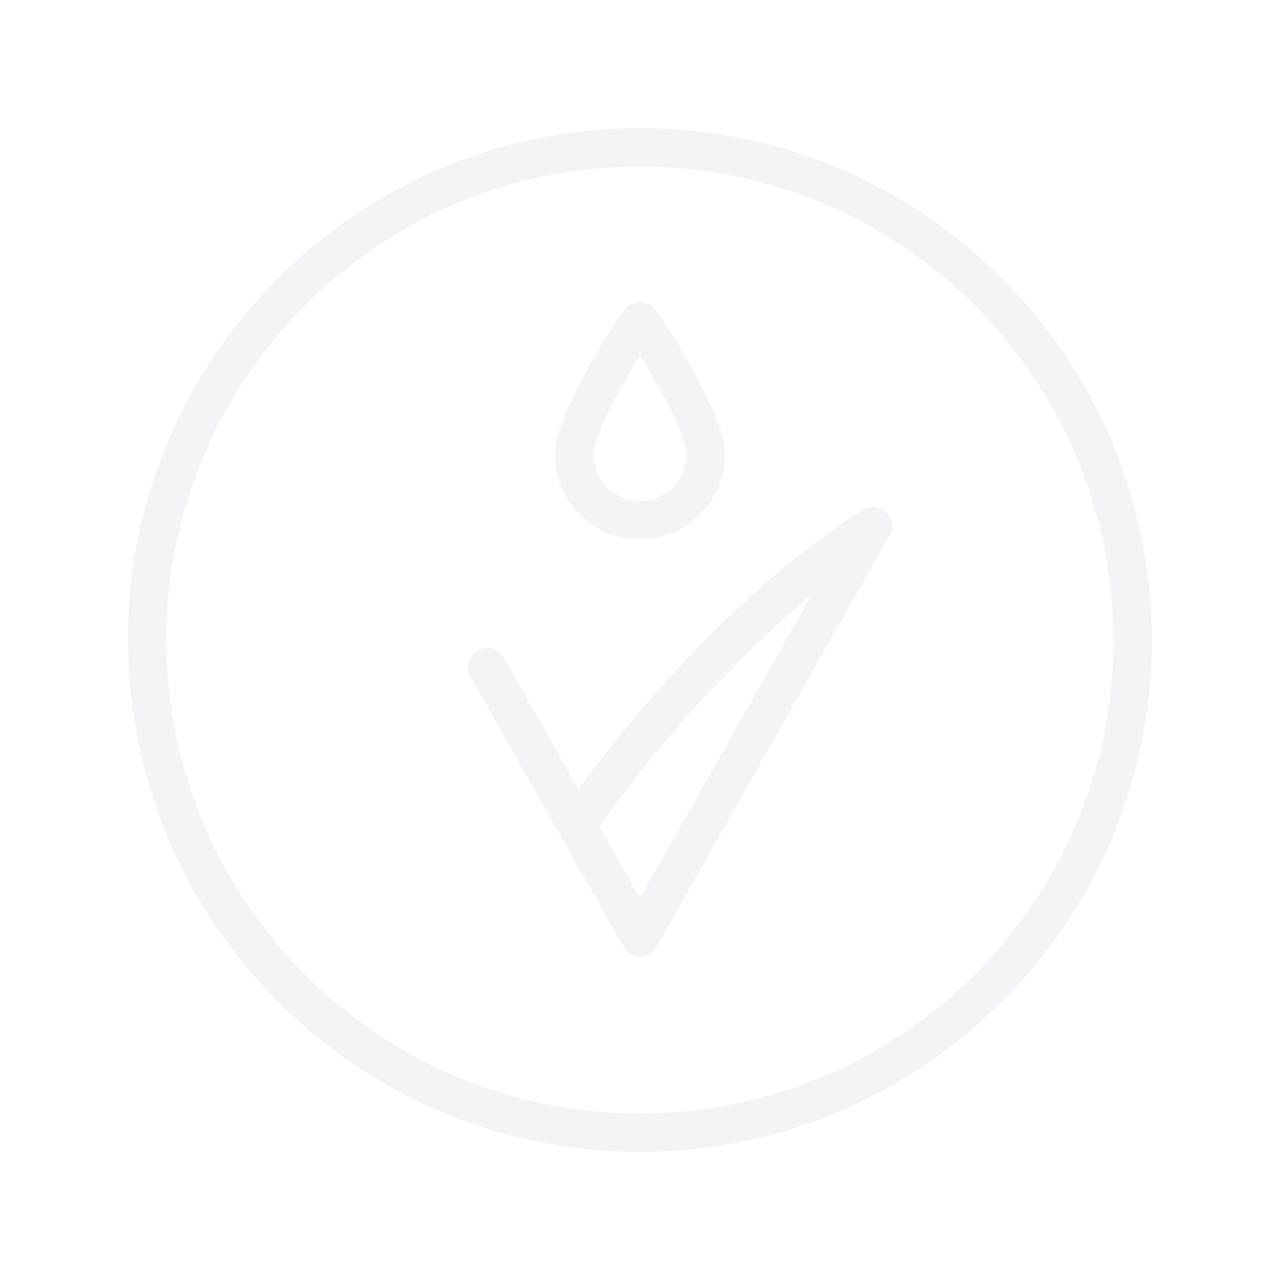 Elizabeth Arden 8 Hour Hand Cream